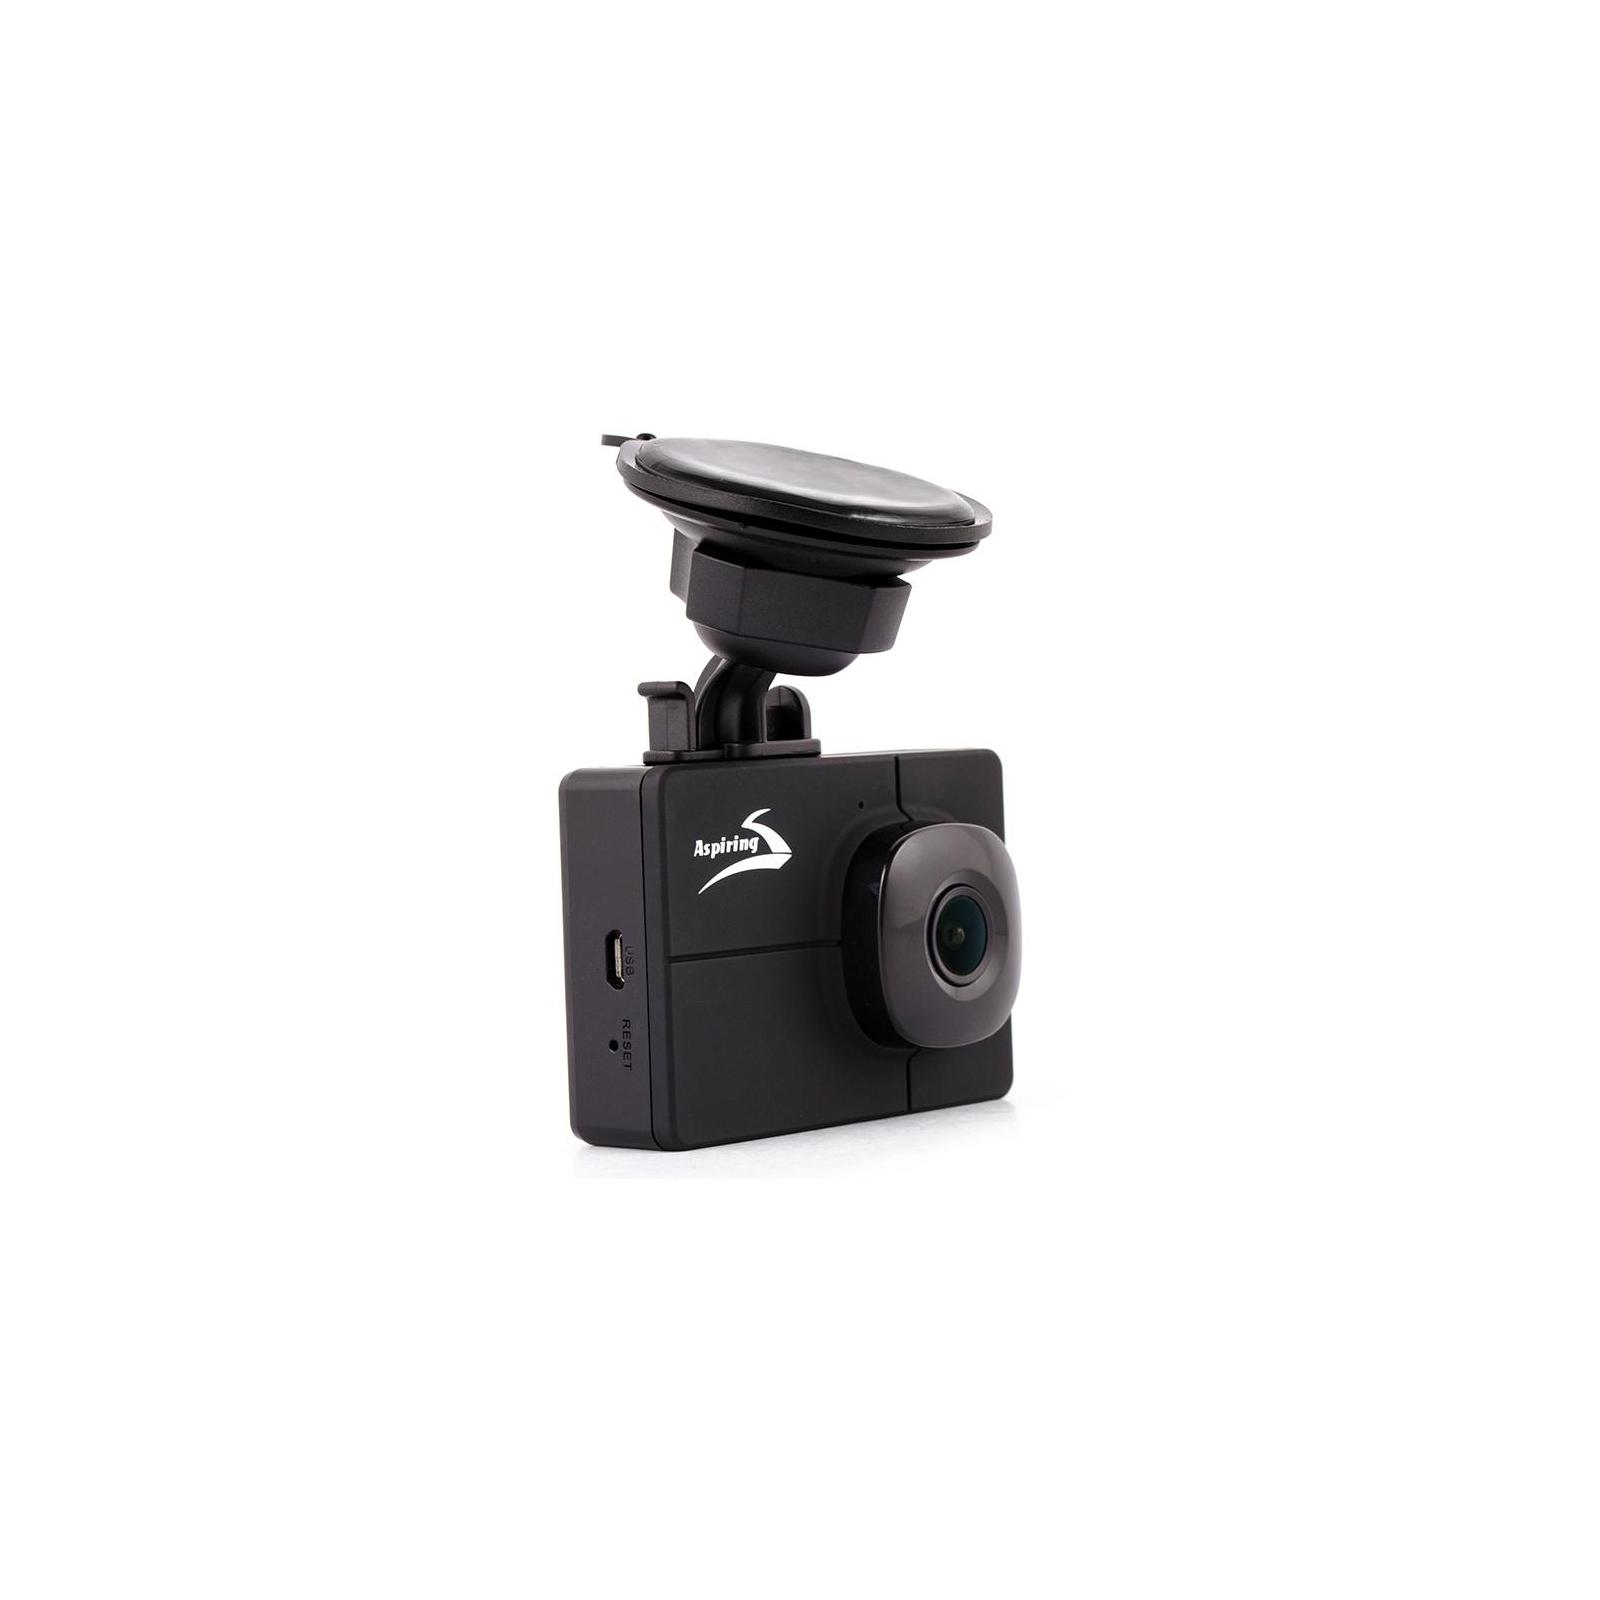 Видеорегистратор Aspiring AT220 Wi-Fi (AT220) изображение 2